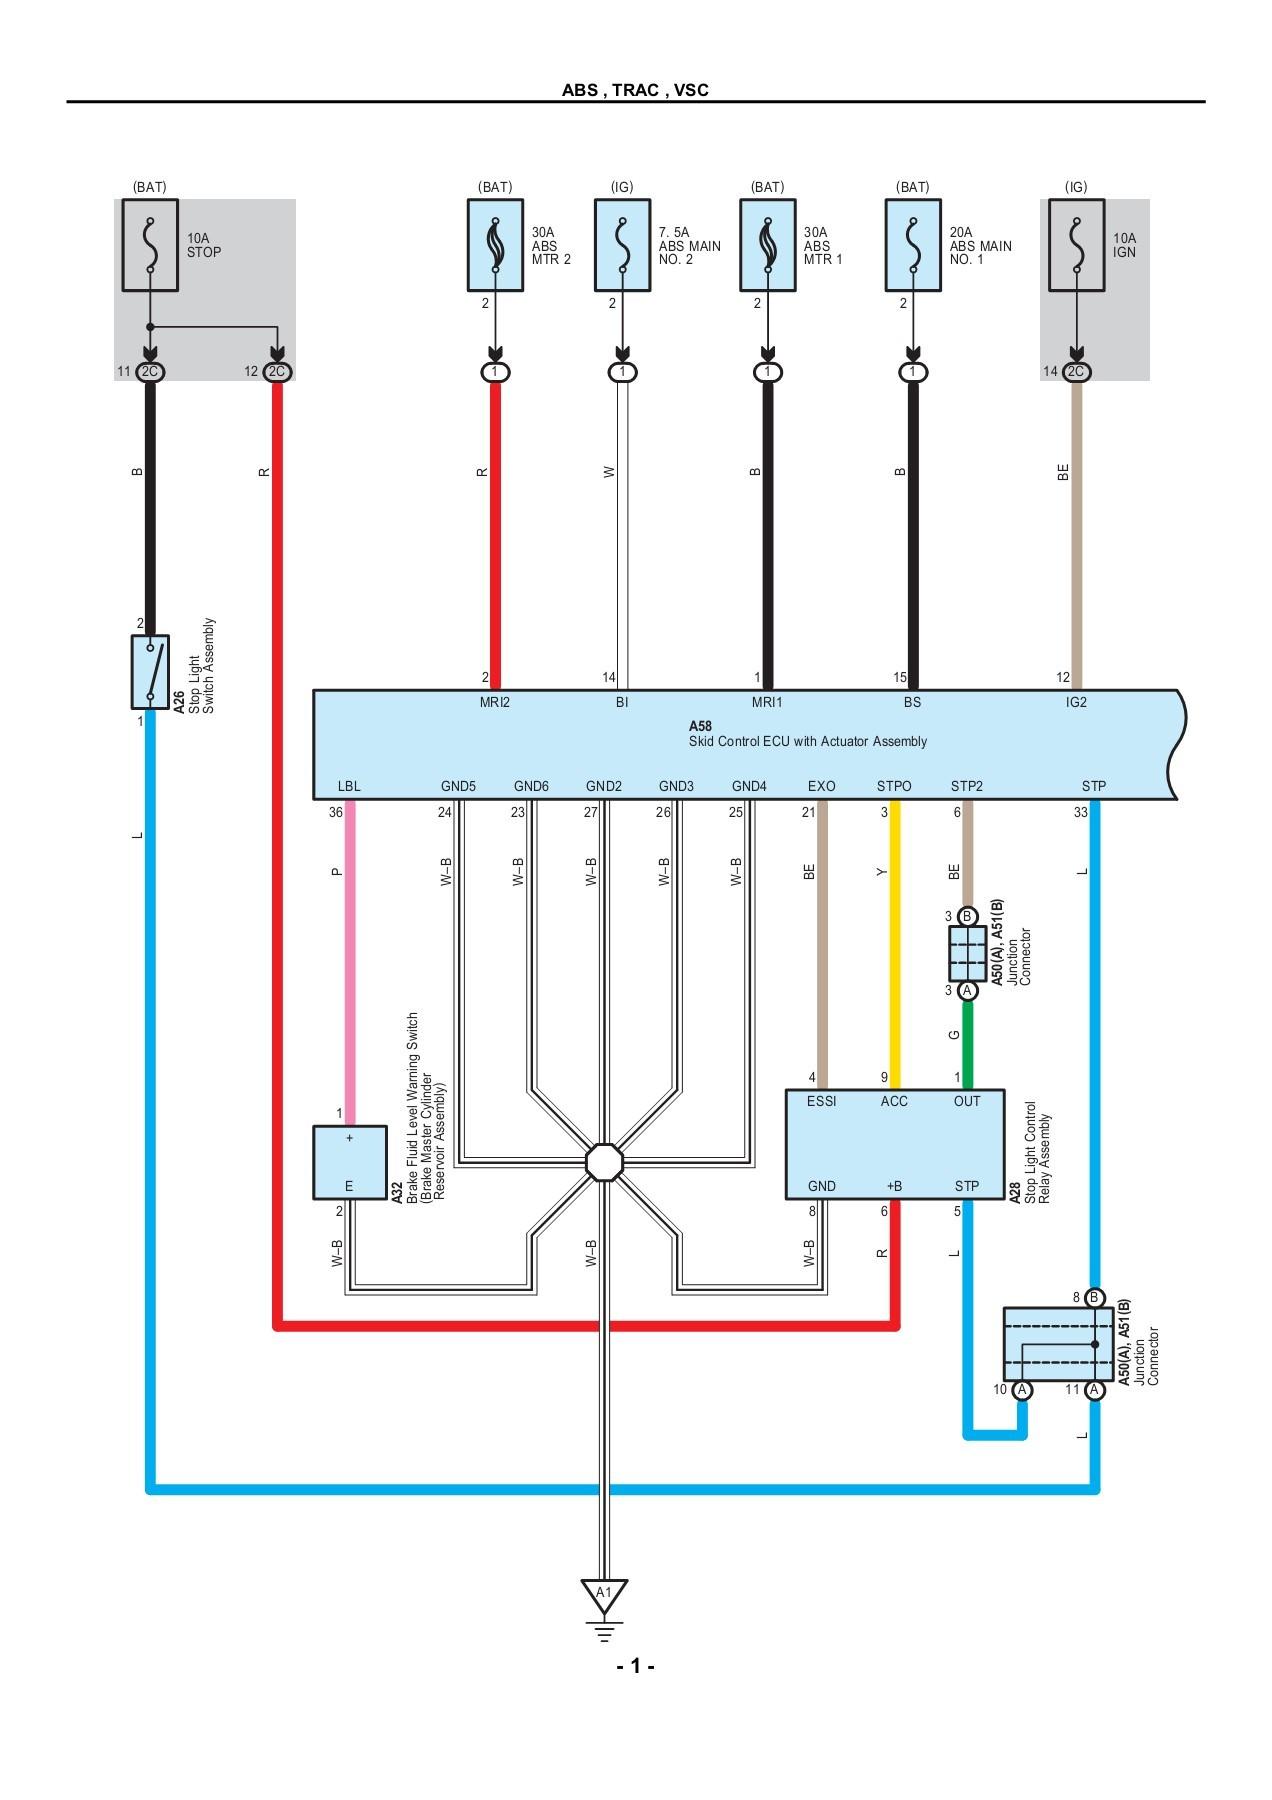 2004 toyota prius wiring diagrams - wiring diagrams variation-tunnel-a -  variation-tunnel-a.alcuoredeldiabete.it  al cuore del diabete